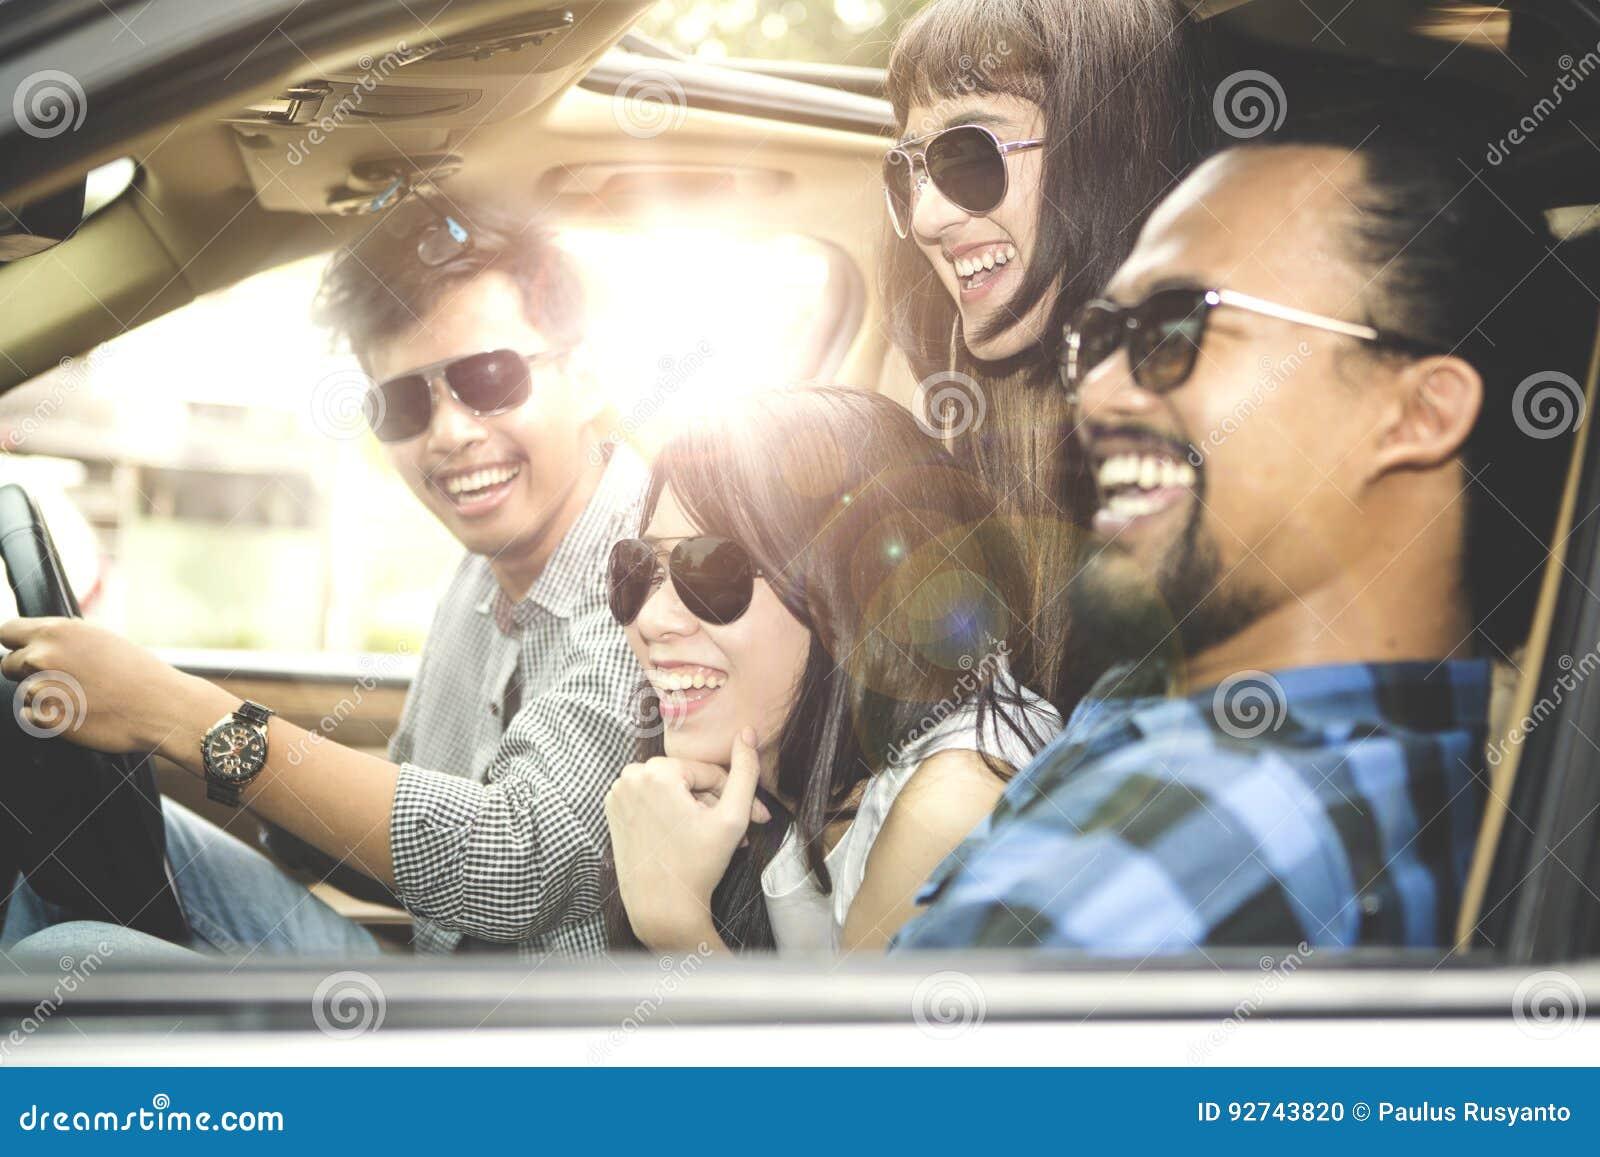 Groep jongeren die in auto glimlachen